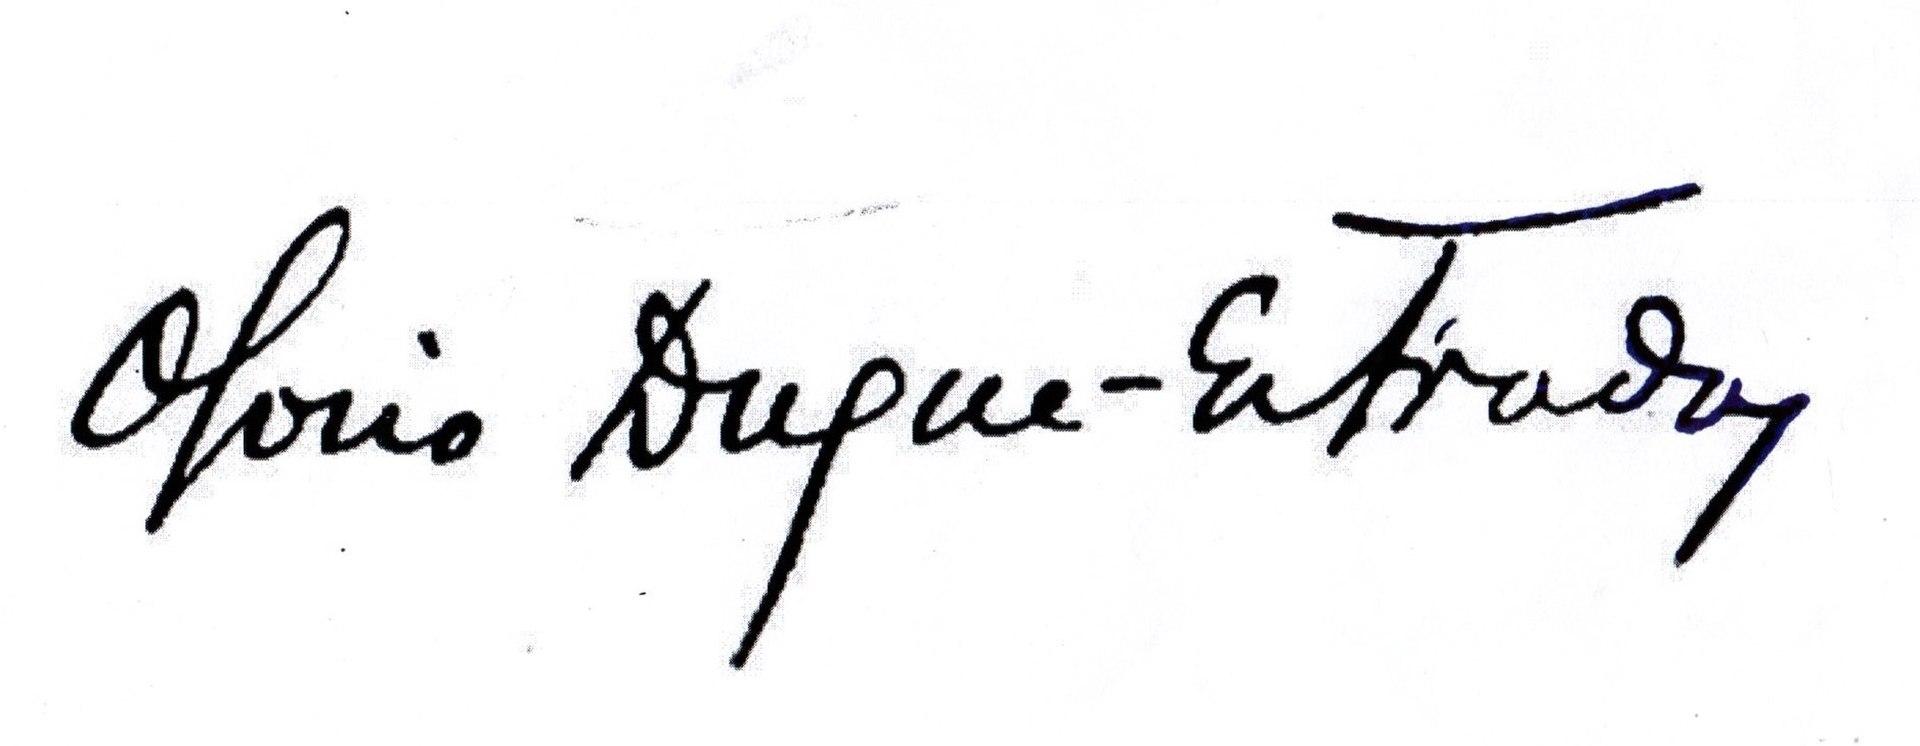 Joaquim Osório Duque-Estrada assinatura ok.jpg